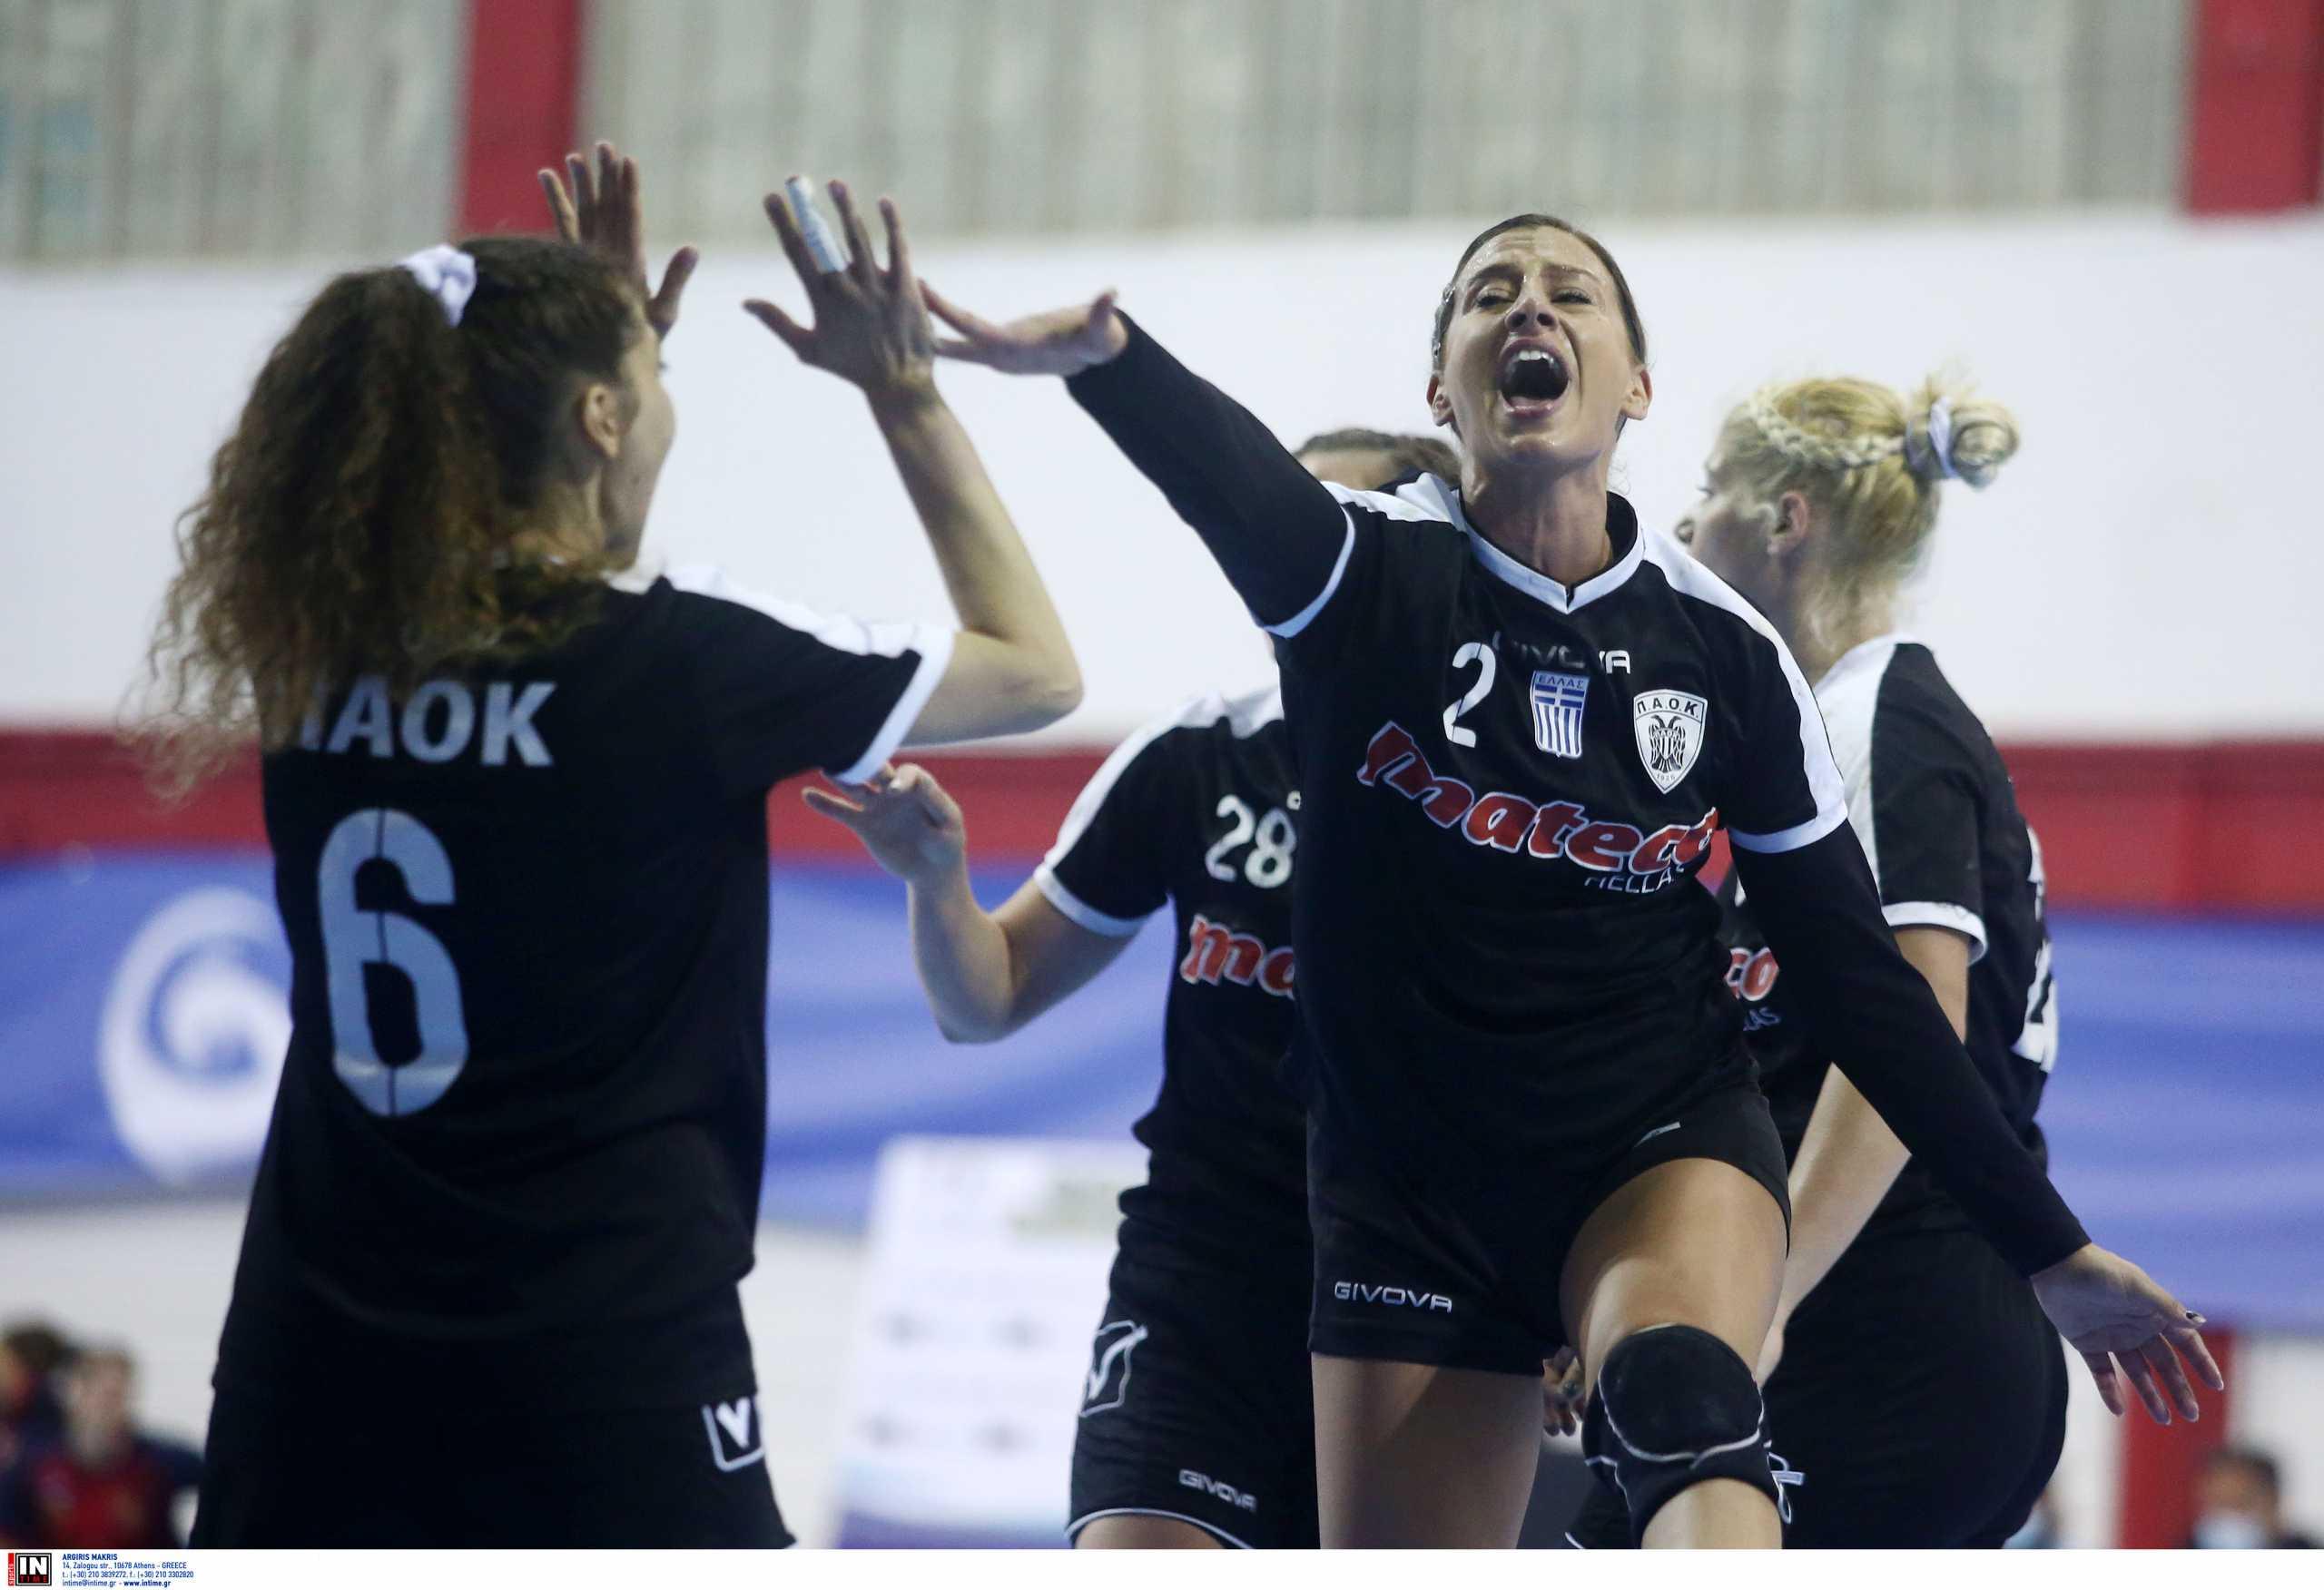 Ο ΠΑΟΚ κατέκτησε το Κύπελλο Ελλάδας στο χάντμπολ γυναικών